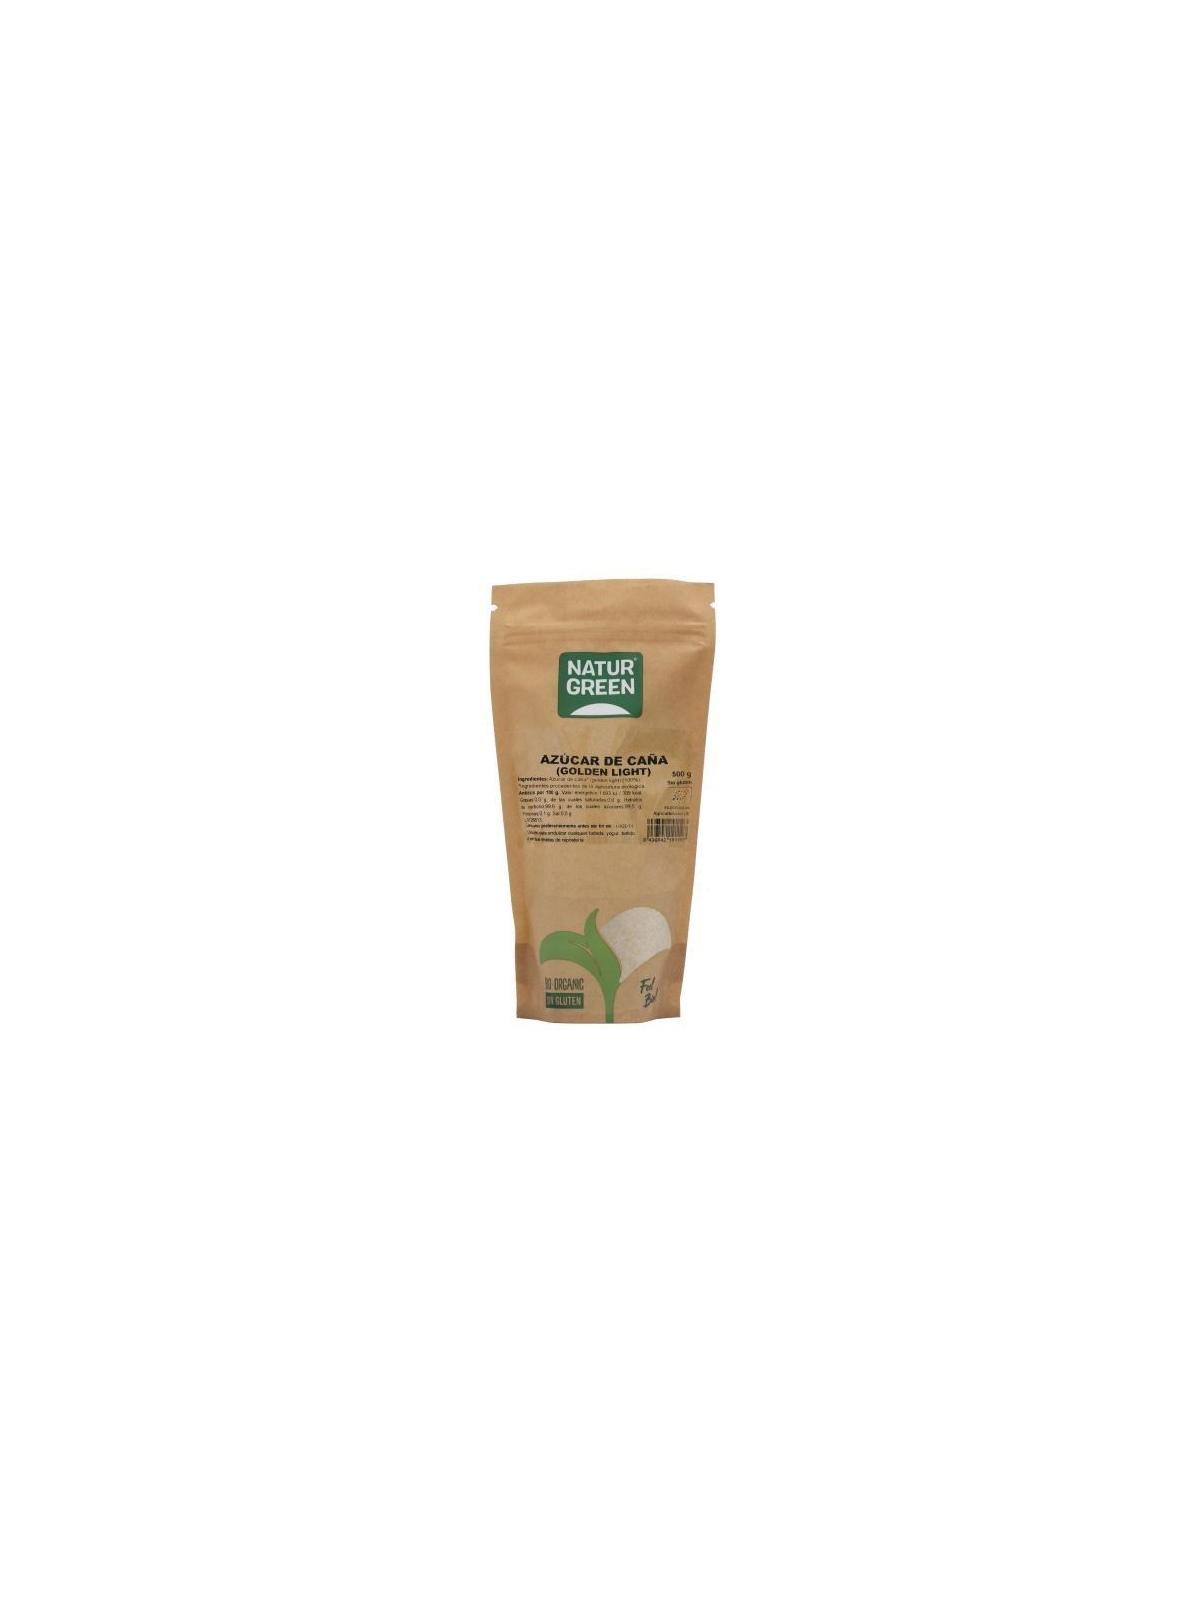 Bolsa Doypack de Azúcar de caña (Golden Light) Bio Naturgreen 500 g